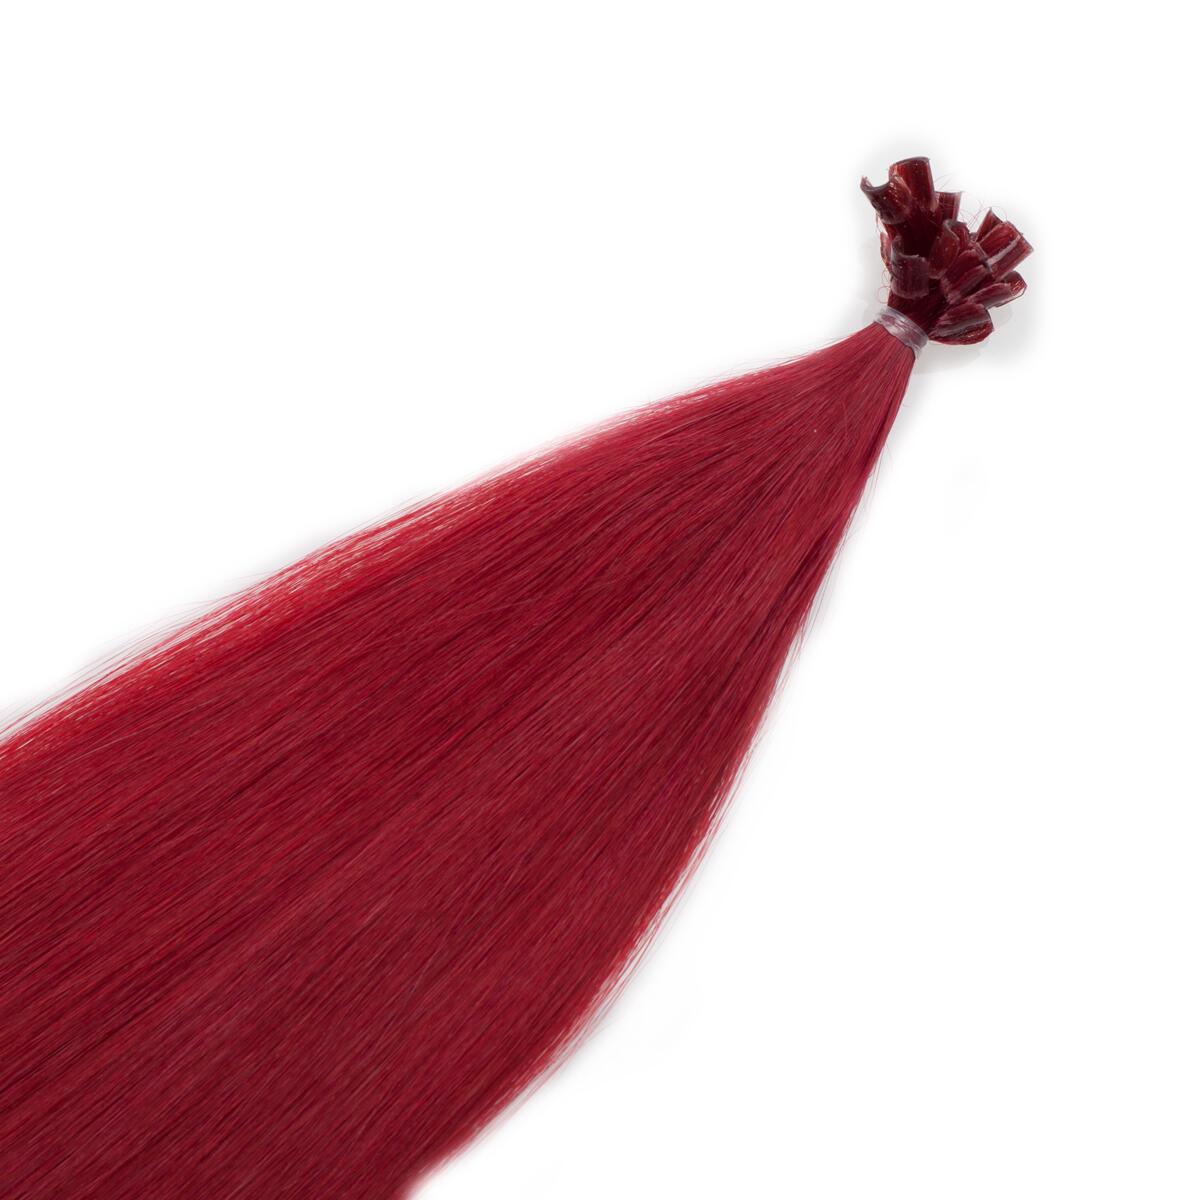 Nail Hair Original 6.9 Rubin Red 30 cm